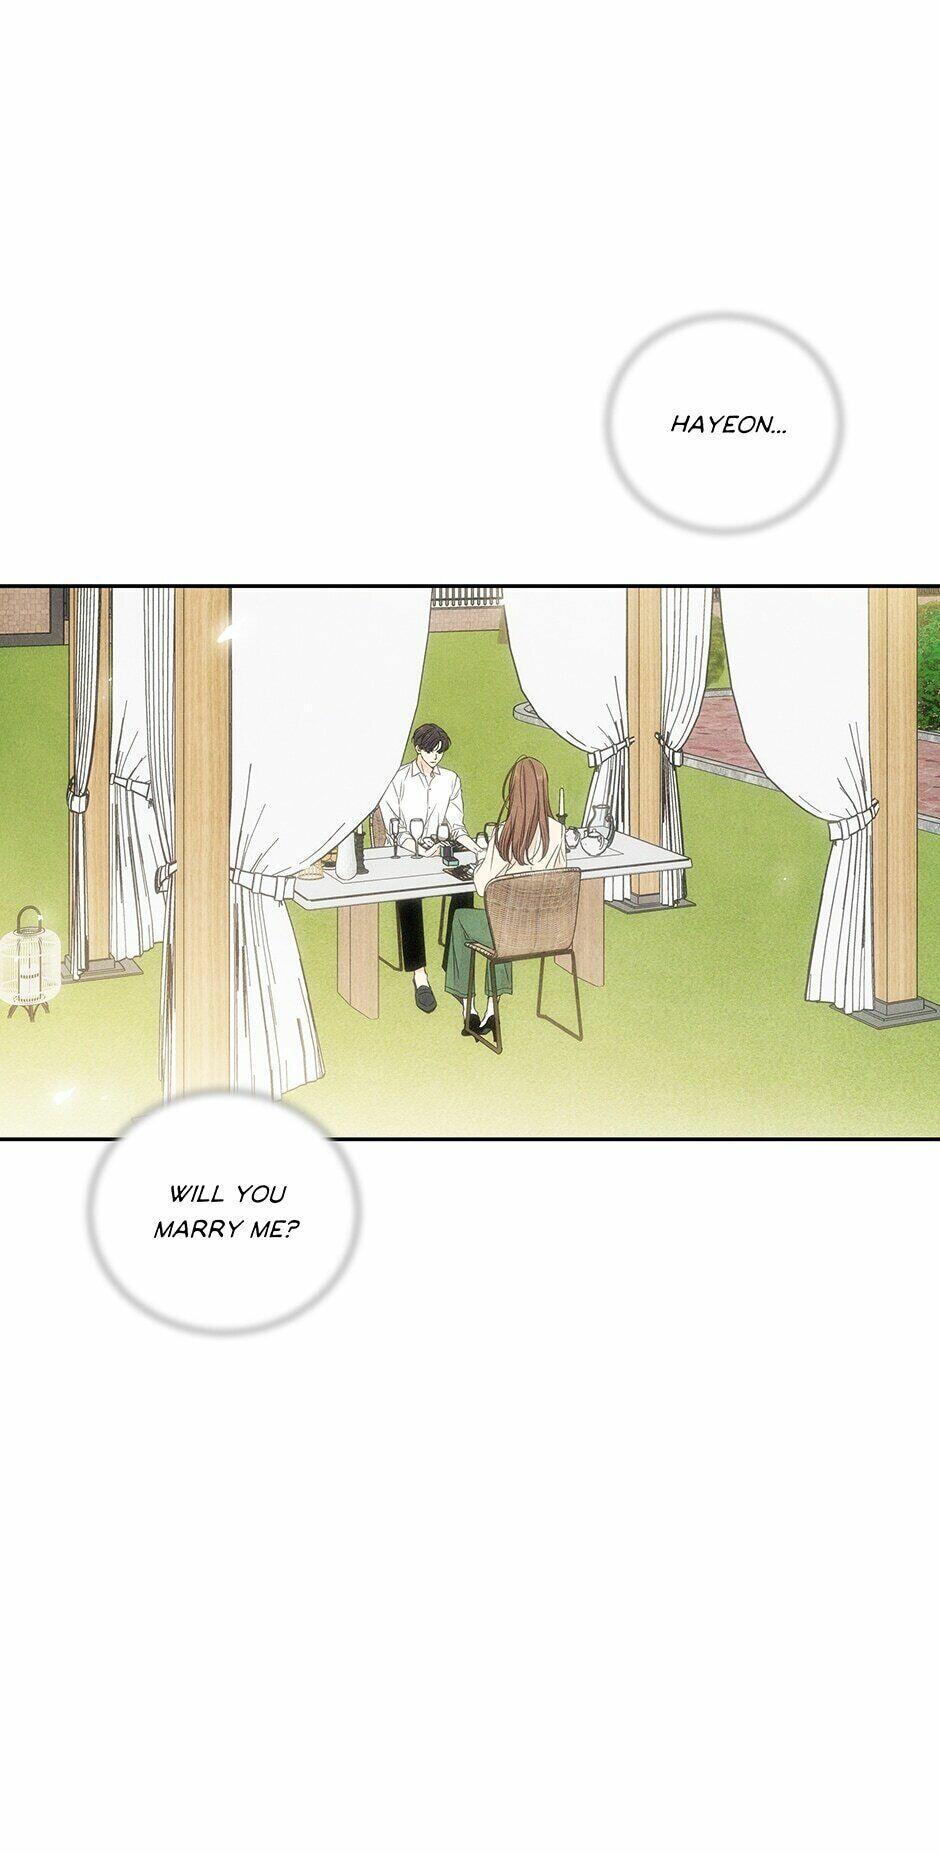 I Want To Do It, Even If It Hurtsa Chapter 56 page 15 - Mangakakalots.com